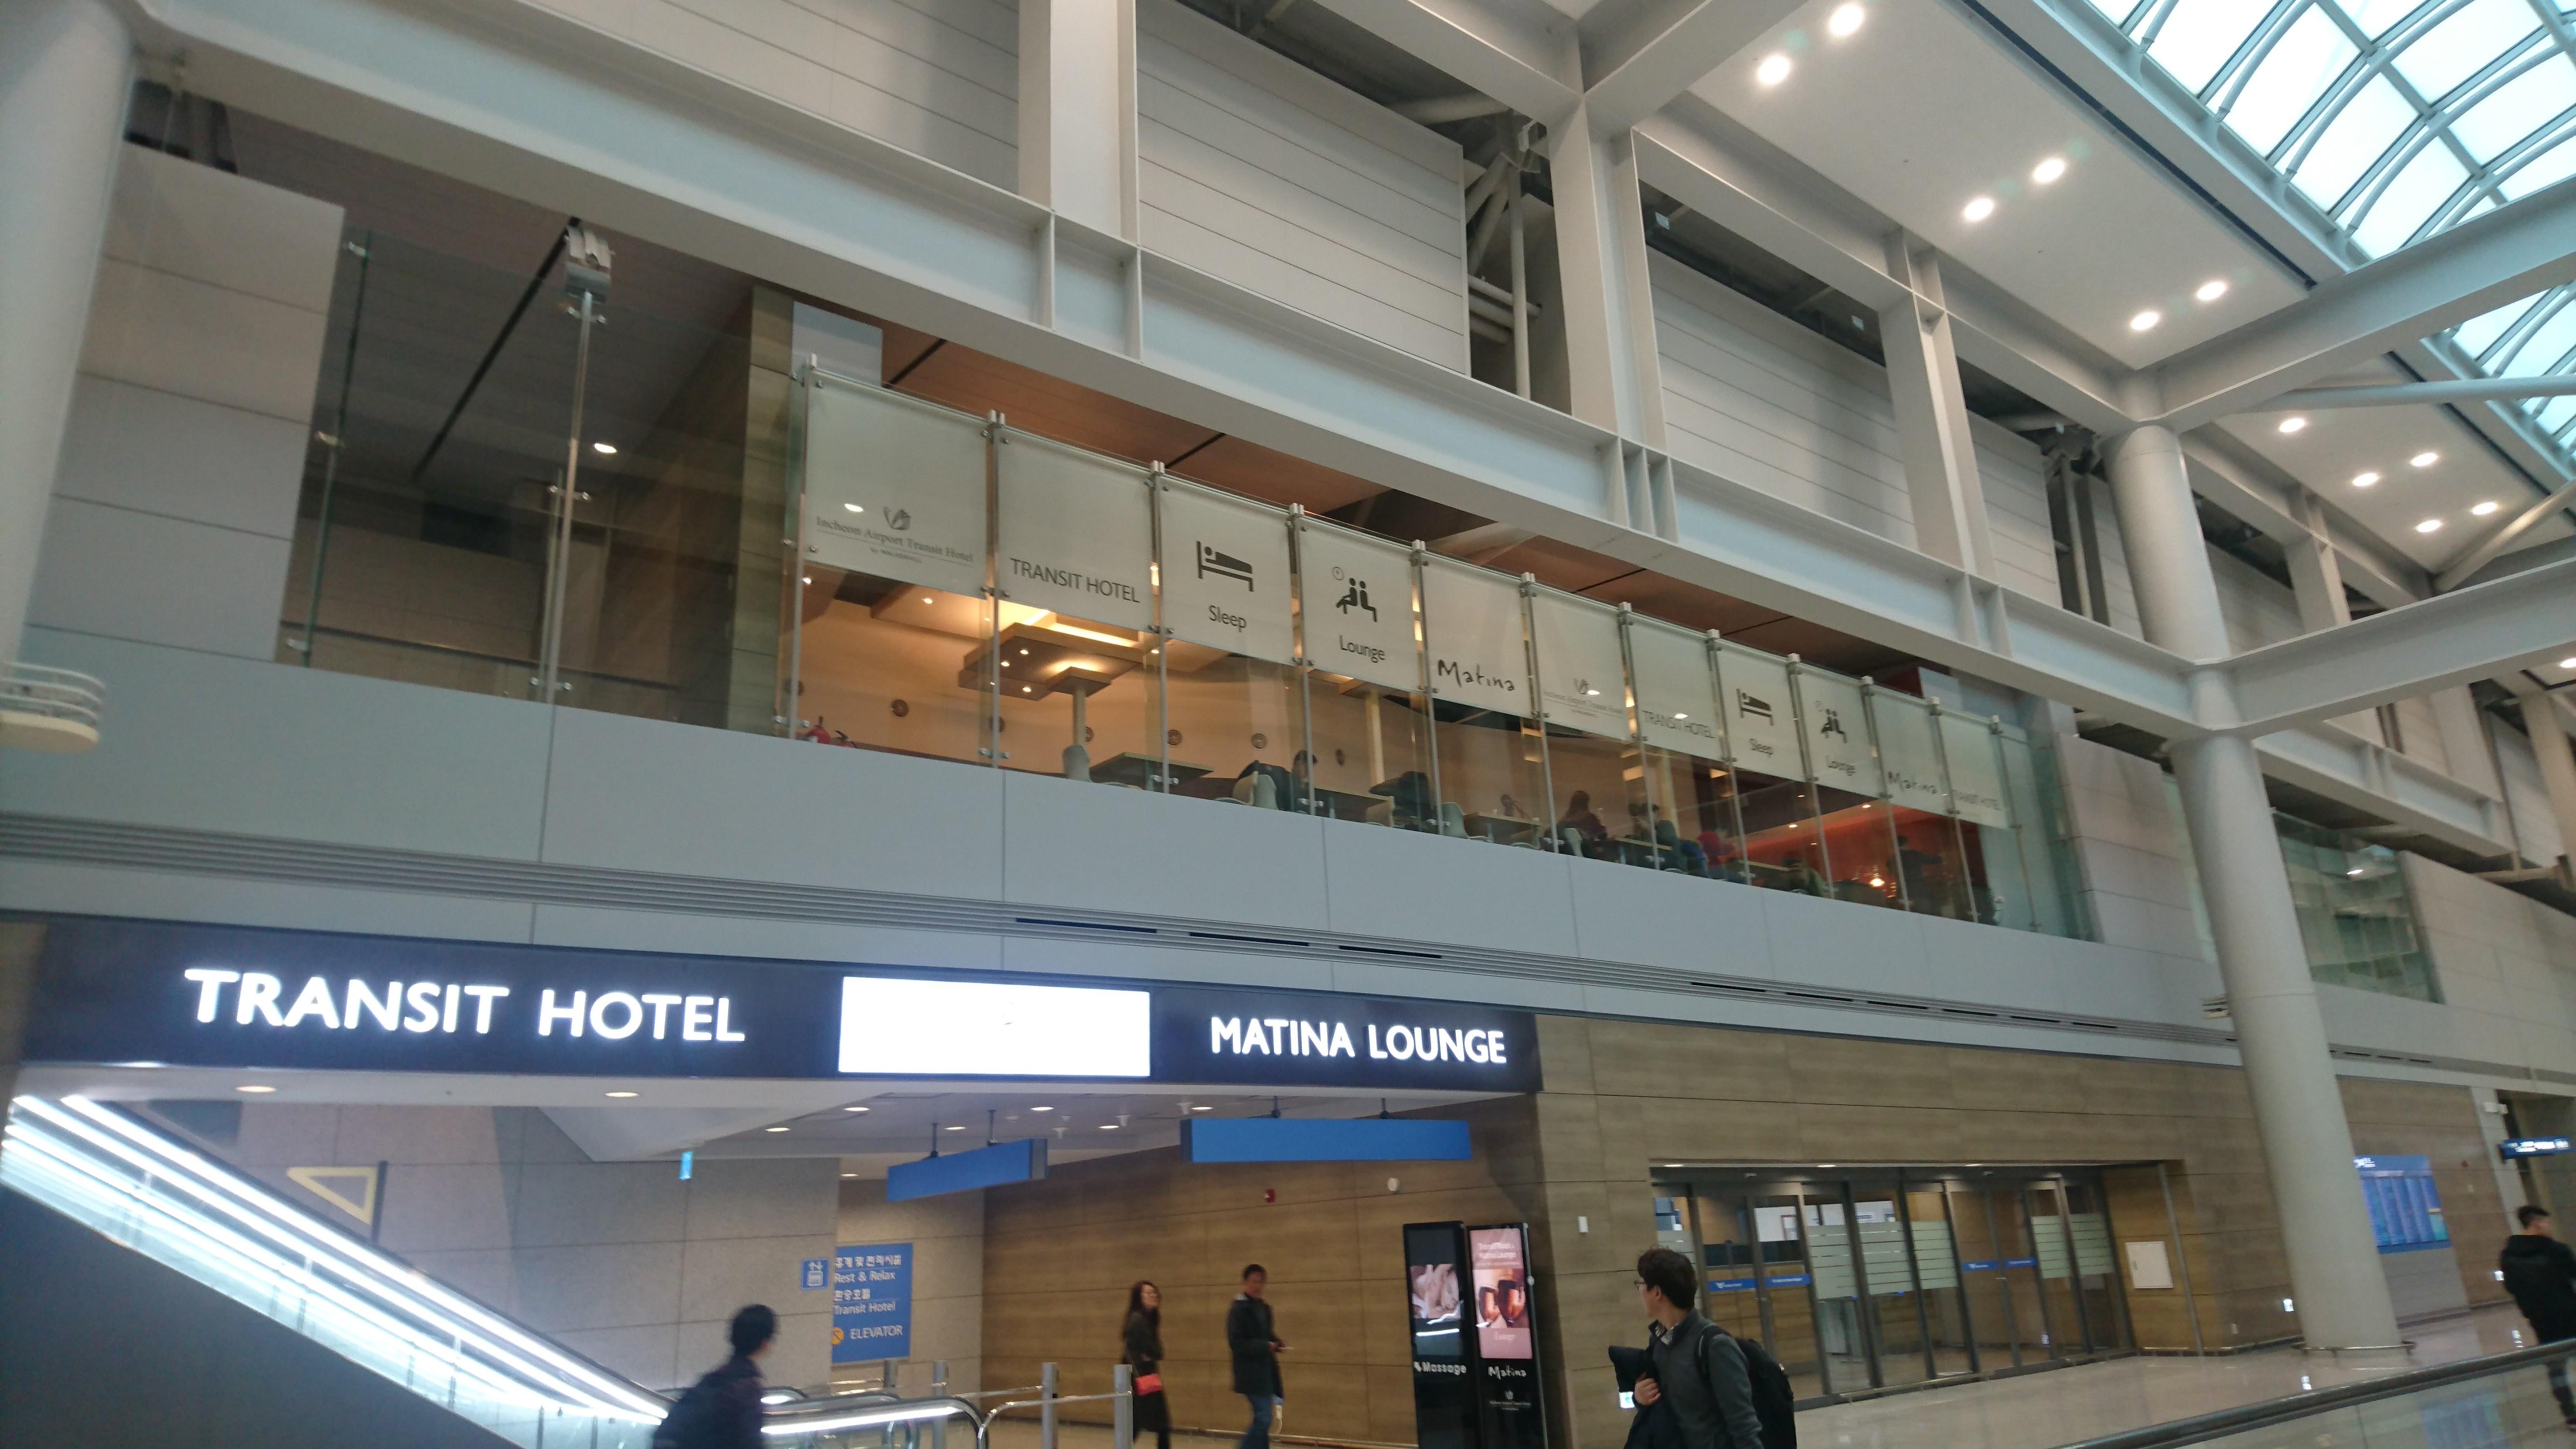 ラウンジ自体は4階にあります。なお今回は旅客ターミナルの東側の先端にあるMATINA LOUNGE WESTを訪れましたが、逆の西側の端には、MATINA LOUNGE Eastがあります。※仁川空港は巨大な為、ターミナルの端から端まで歩くと軽く片道10分はかかってしまいます。